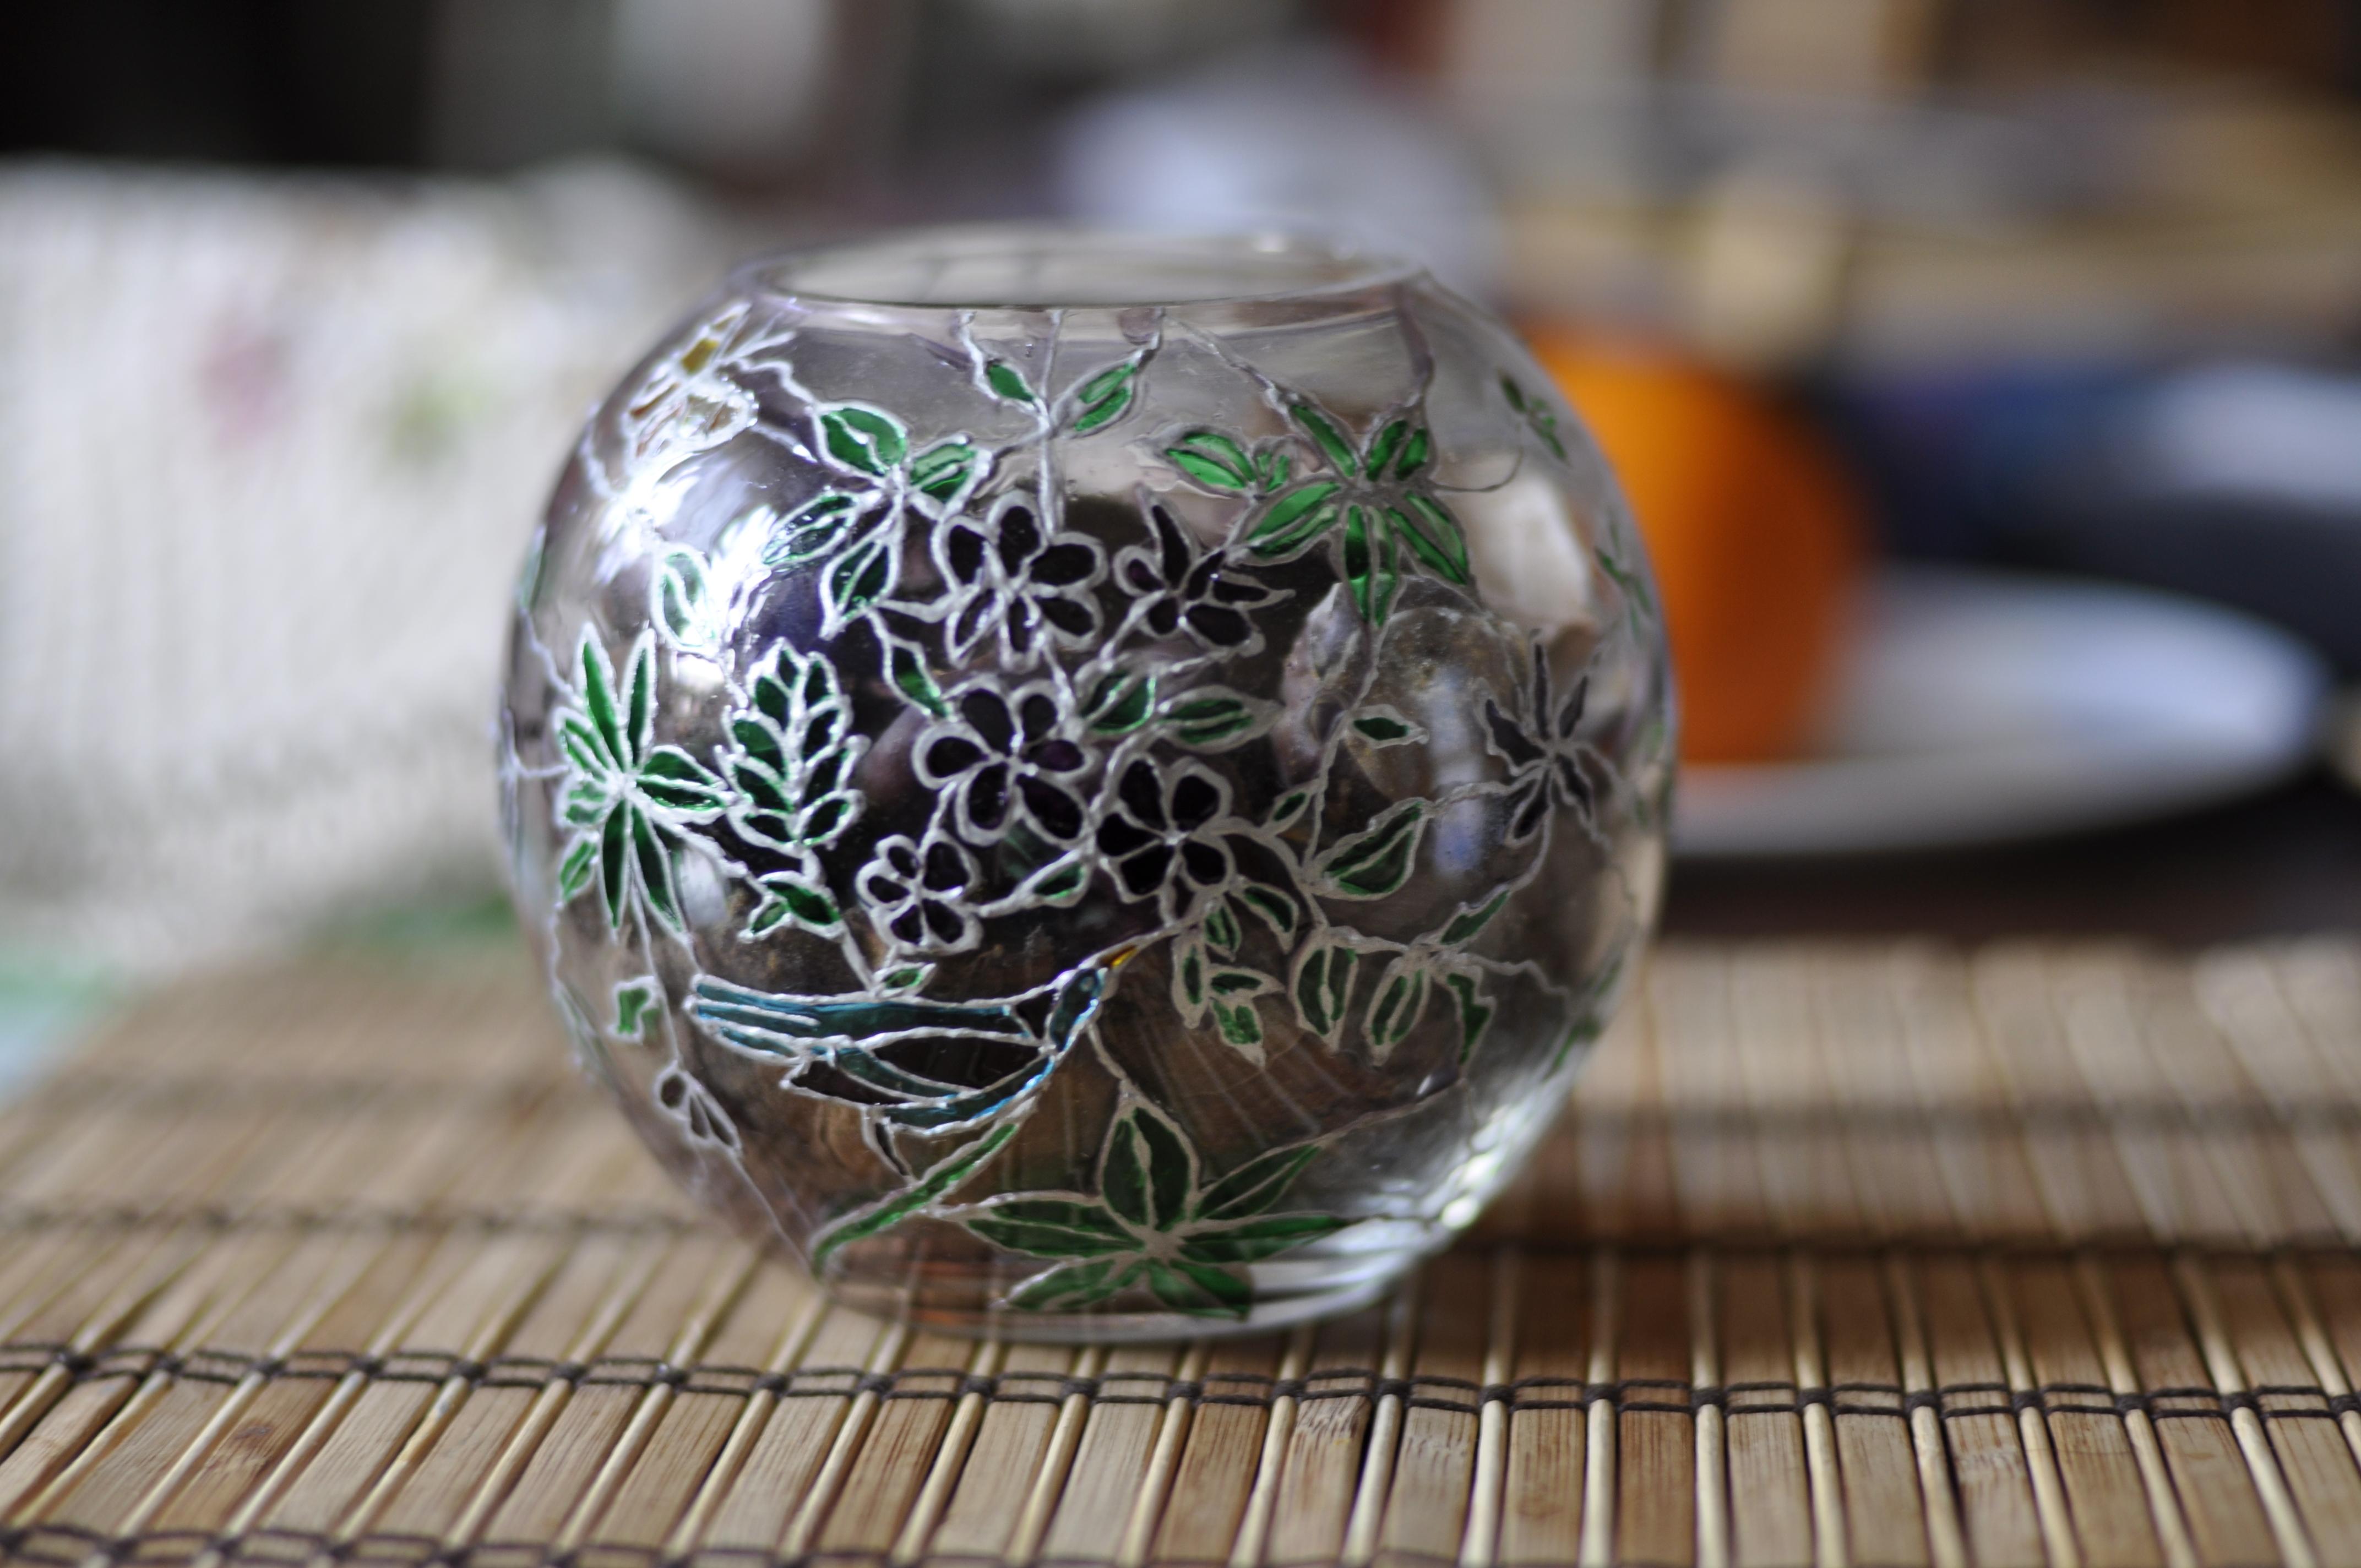 сентябрю картинки по стеклу на вазочке бурбонские розы